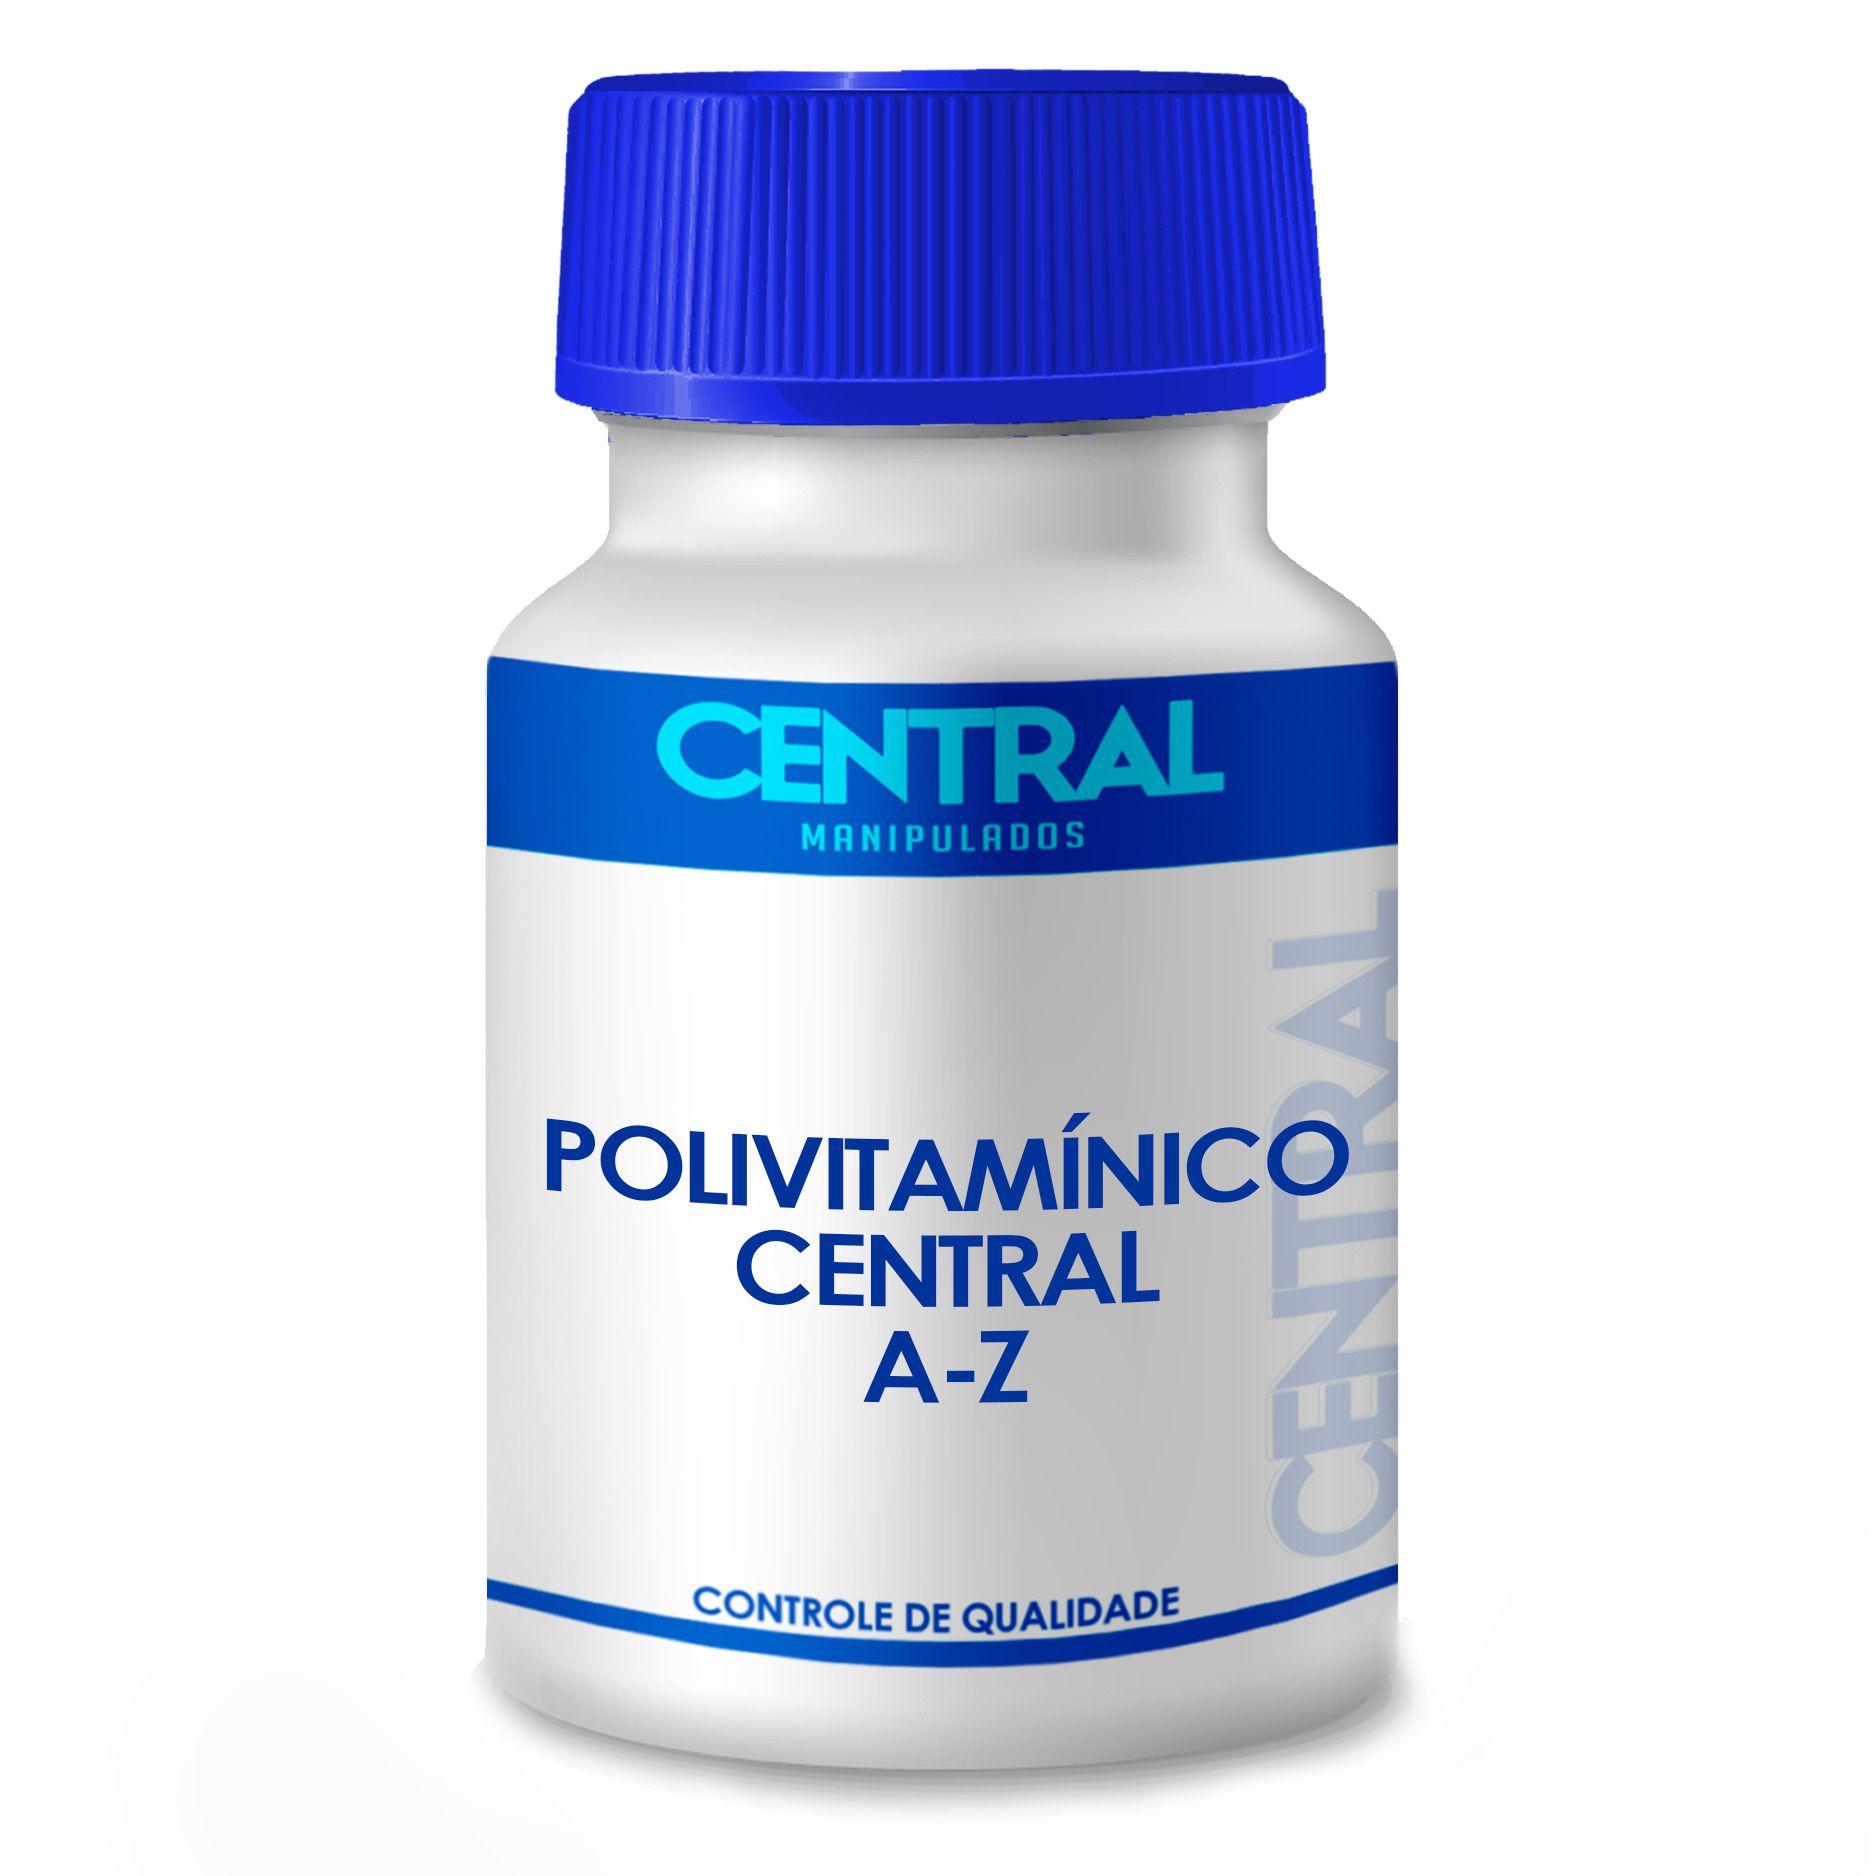 Polivitamínico Central A-Z  240 cápsulas - complexo vitamínico - Fortalece a Imunidade